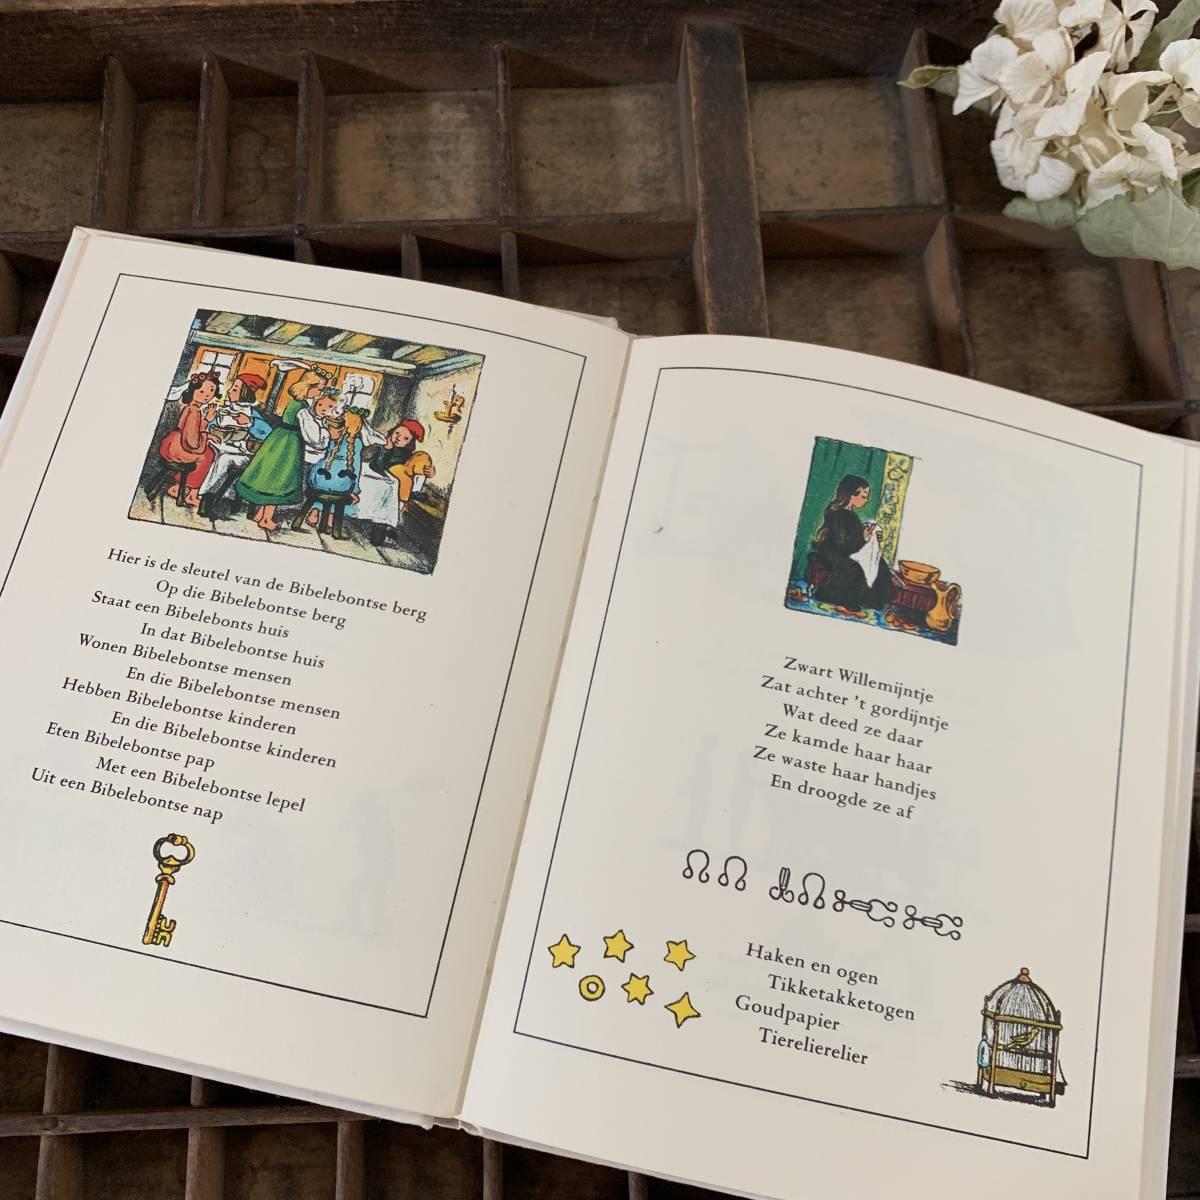 オランダ蚤の市 影絵の本 1979年 ヴィンテージ インテリア シャビー シルエット 絵本 洋書 雑貨 ディスプレイ_画像4